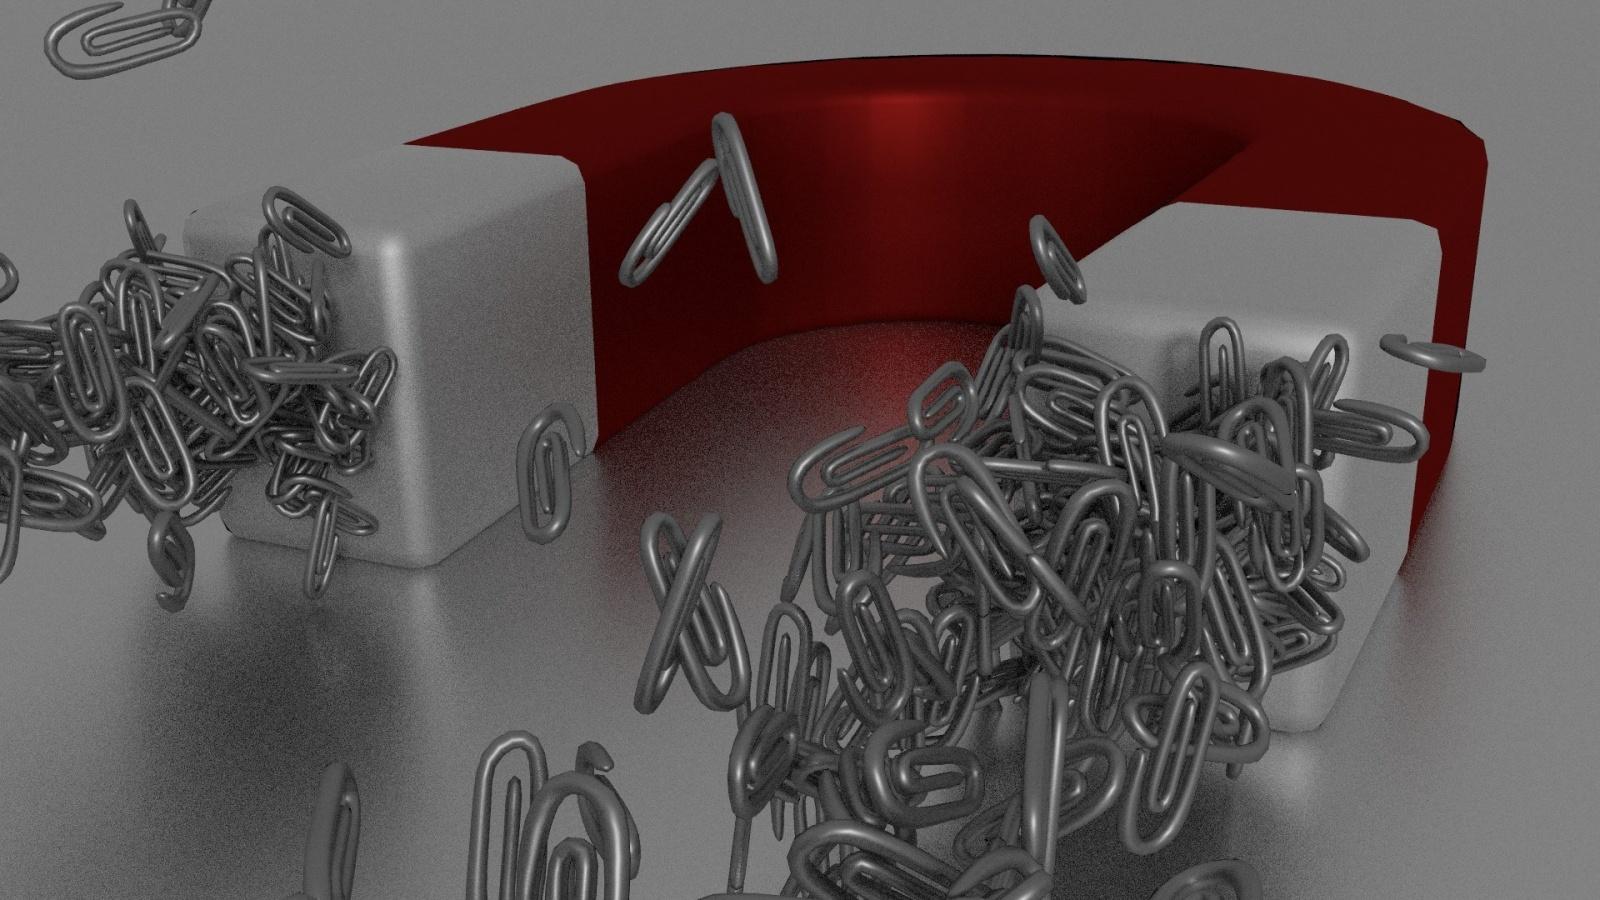 Интернет на магнитах 4 — Делим магнит на части - 1